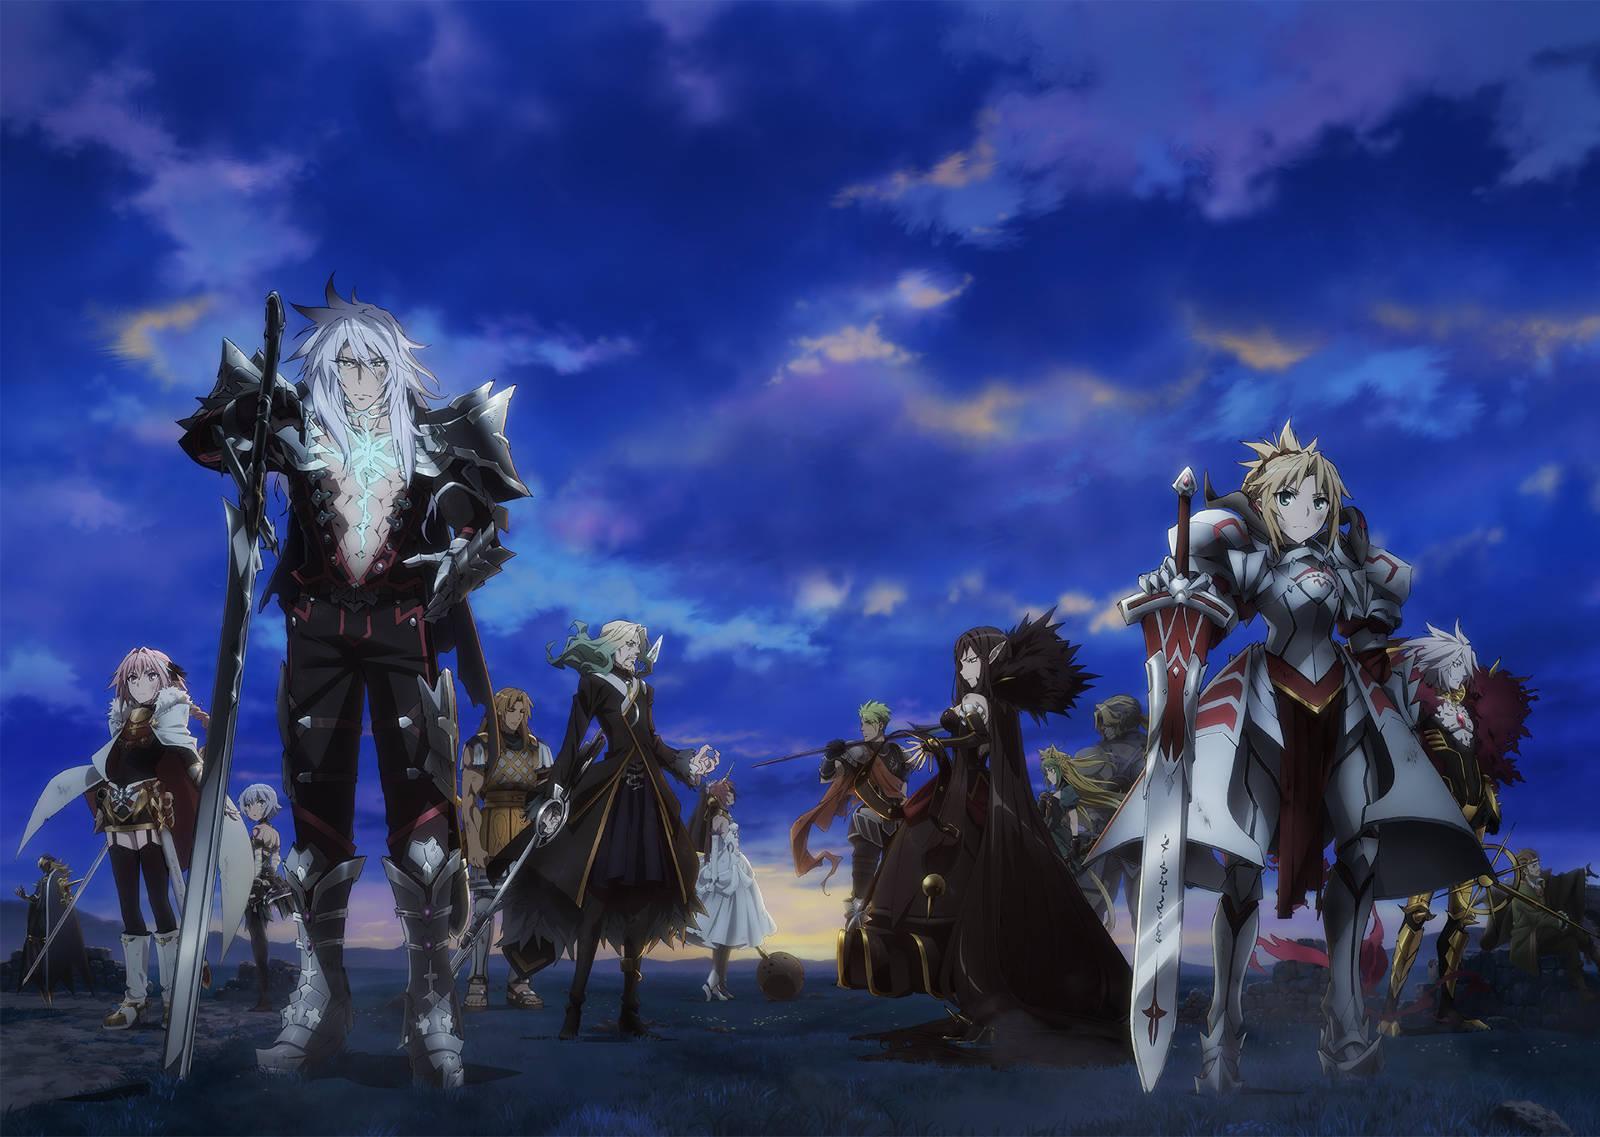 Fate/Apocrypha - Dwie frakcje bohaterów